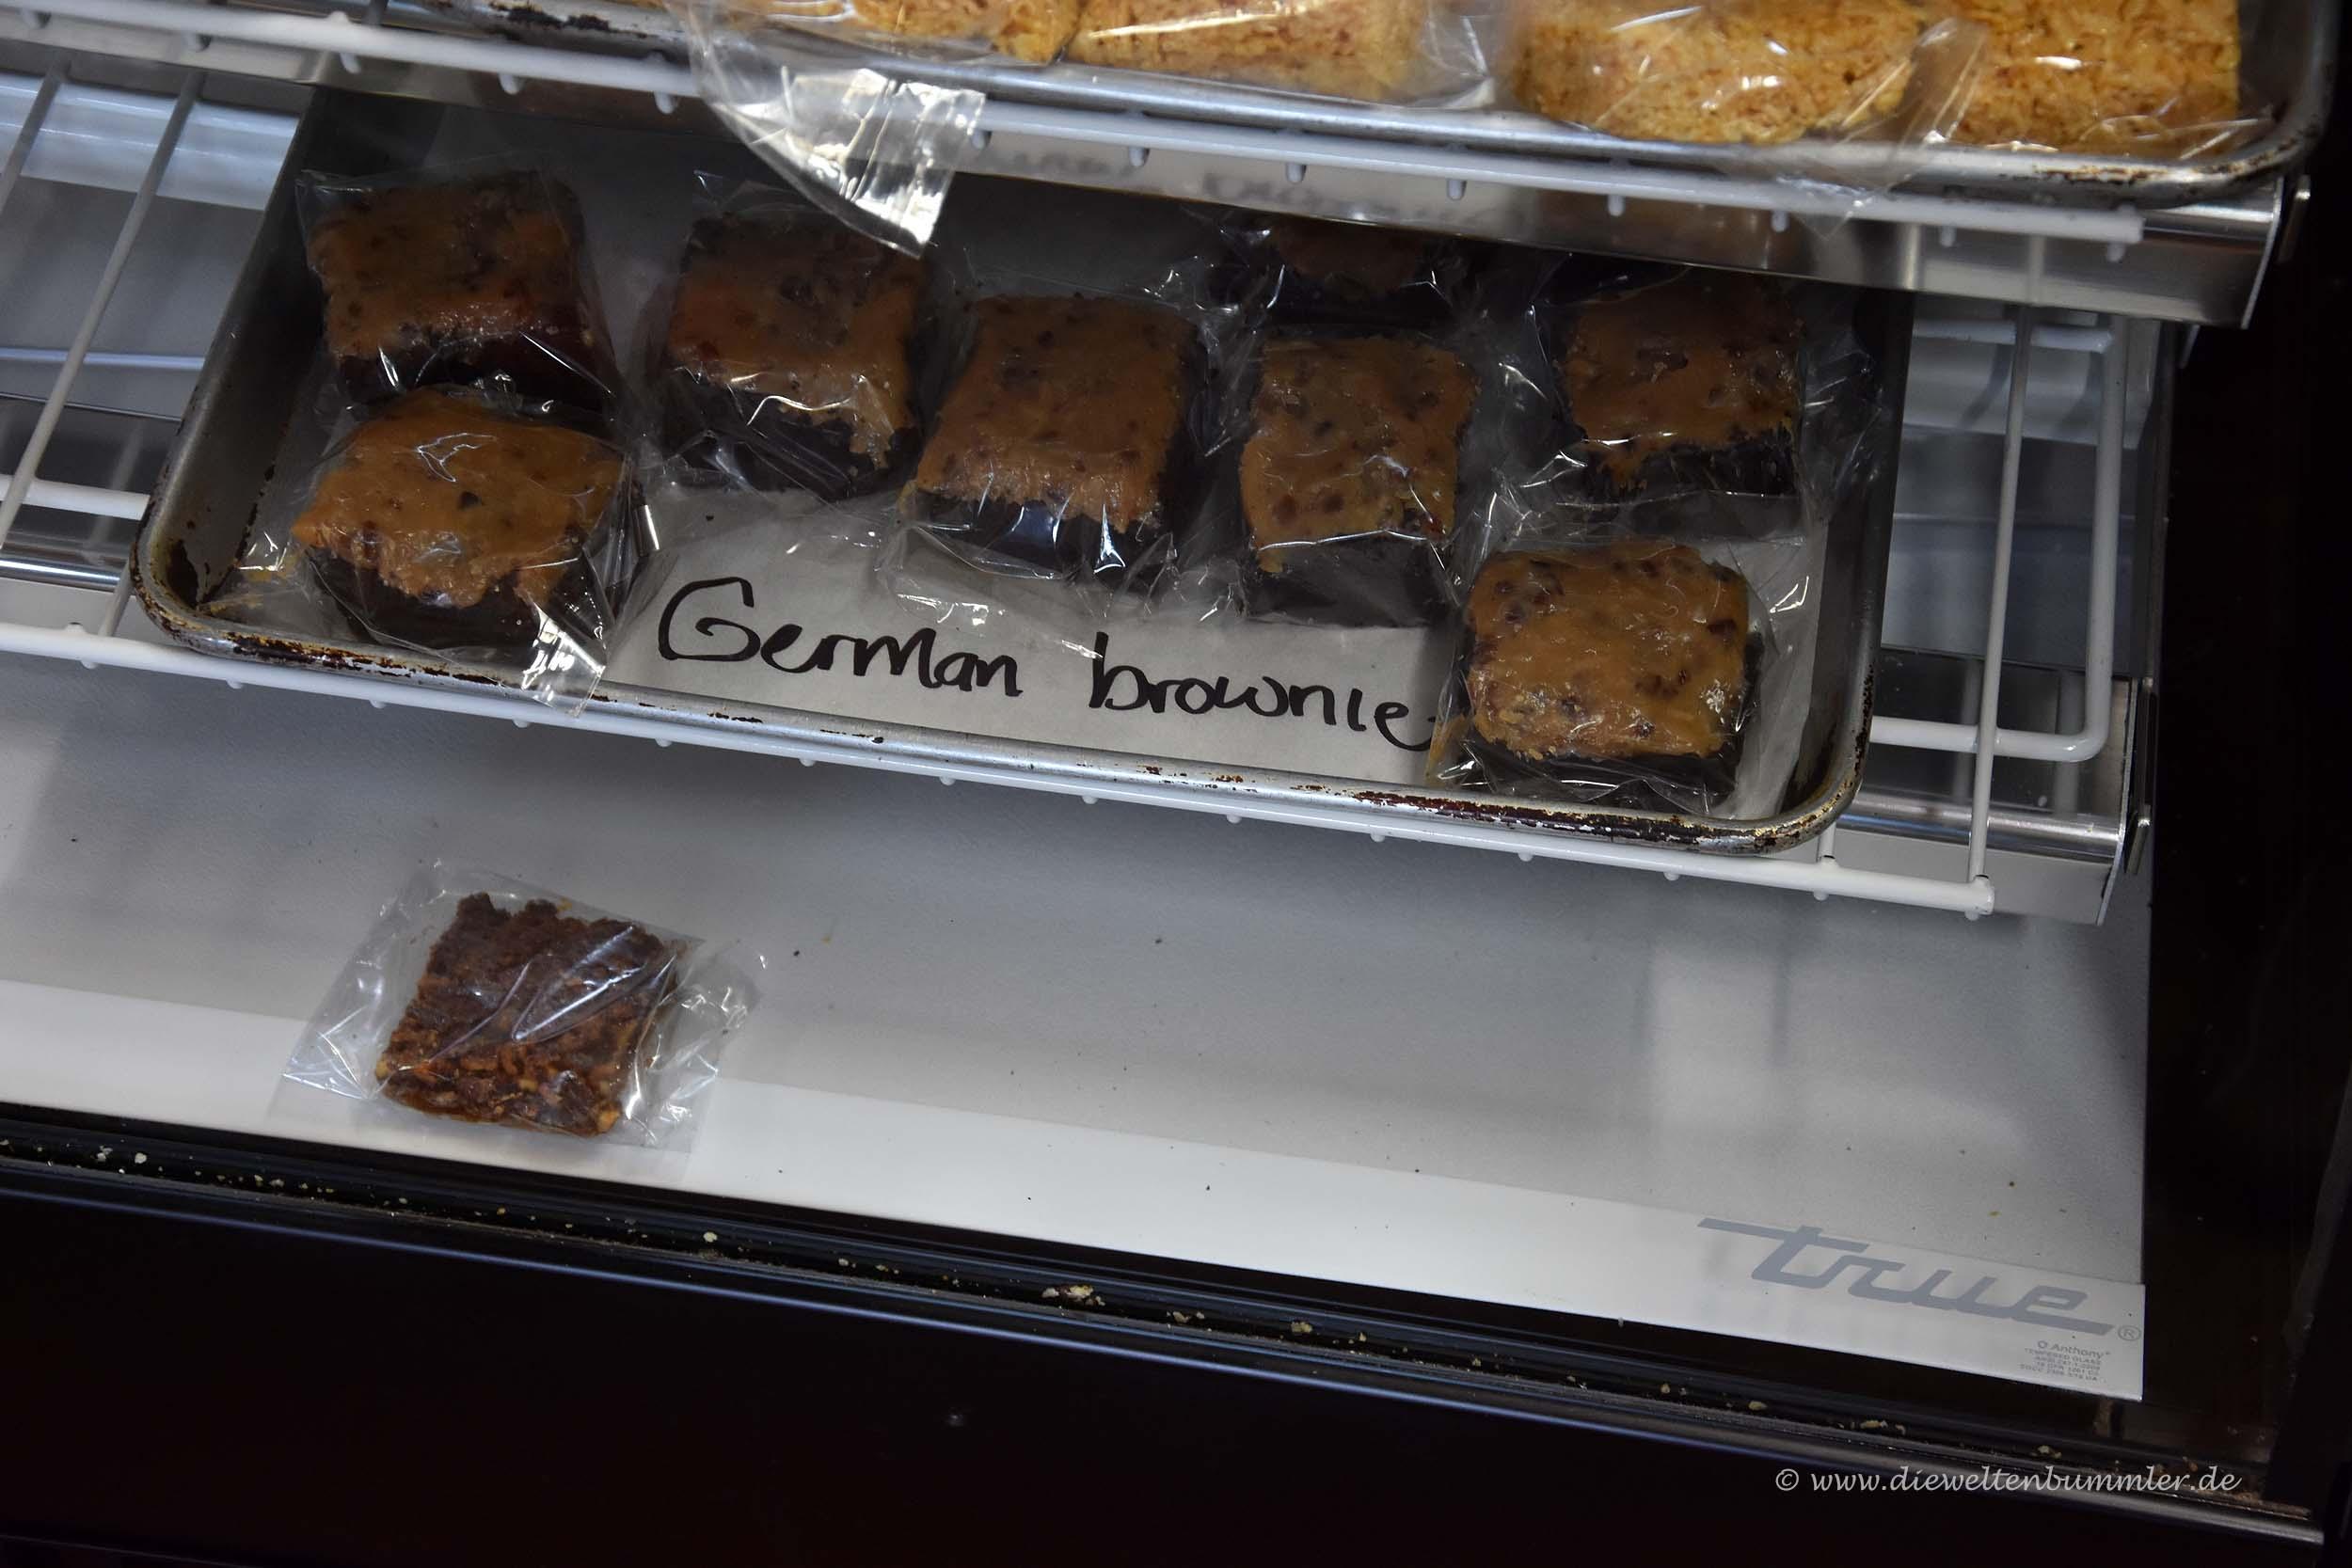 Seit wann gibt es deutsche Brownies